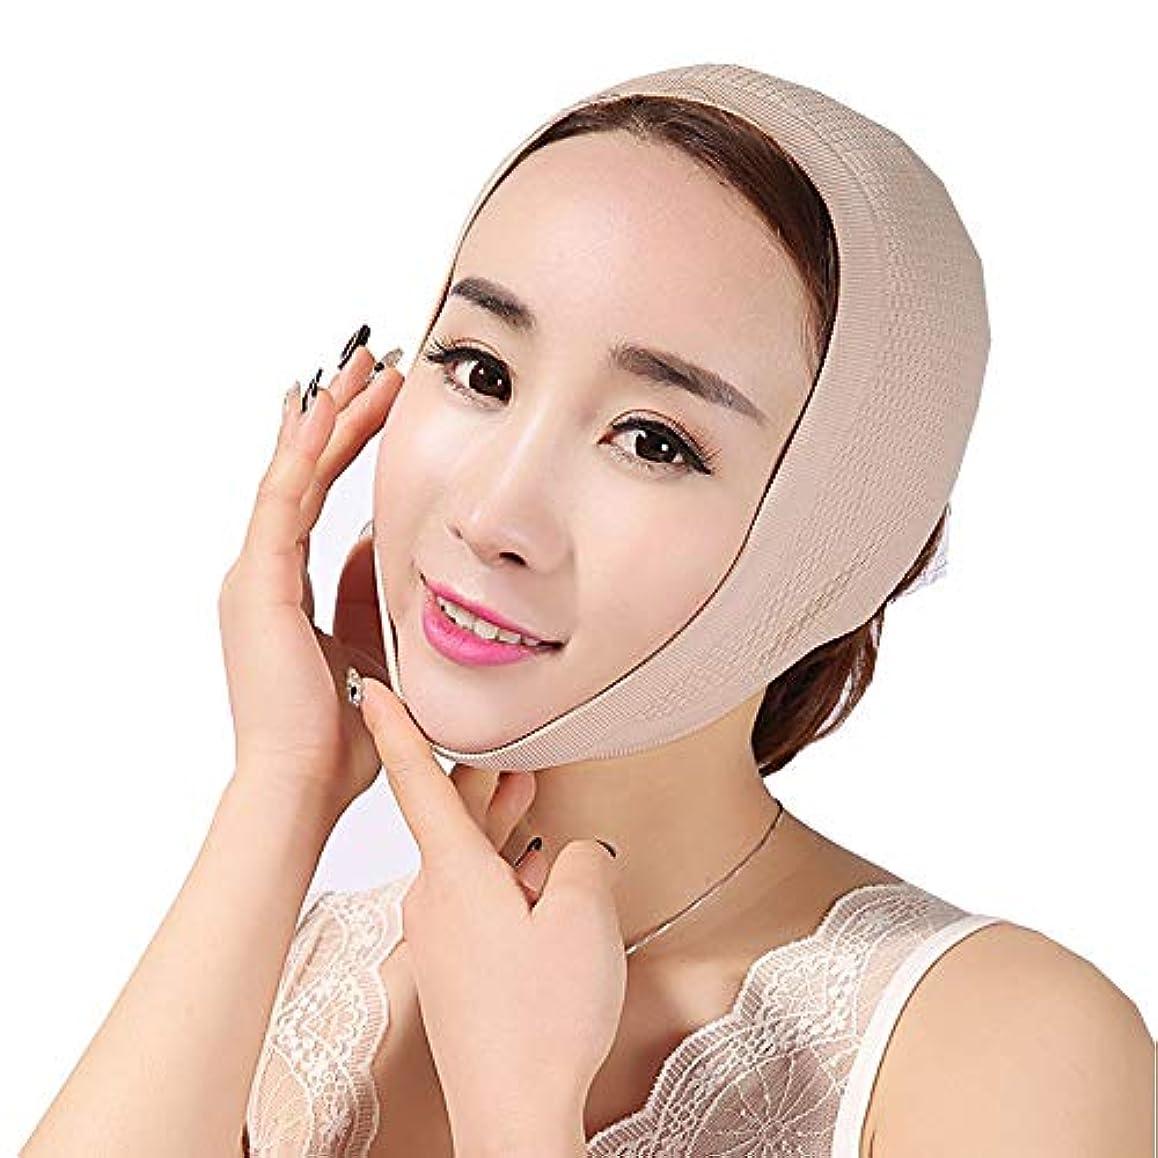 盗賊トロピカル愚かなJia Jia- フェイスマスクで眠る薄い顔フェイスリフトフェイスリフトアーティファクトスモールフェイスVフェイスリフト付きフェイスフェイス包帯引き上げジョーセット 顔面包帯